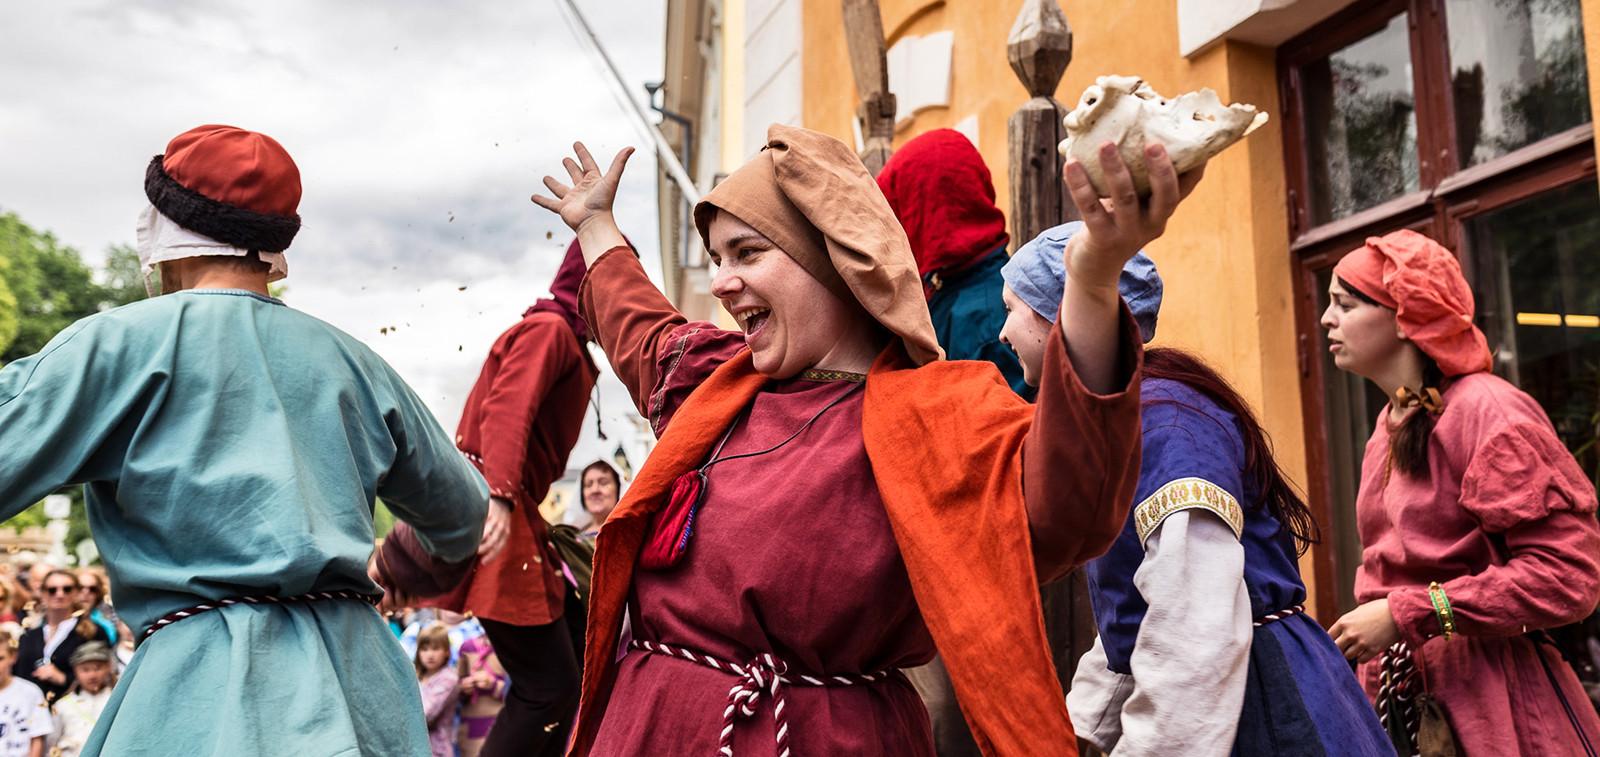 Keskiaikaiset markkinat. Kuva: Sami Maanpää